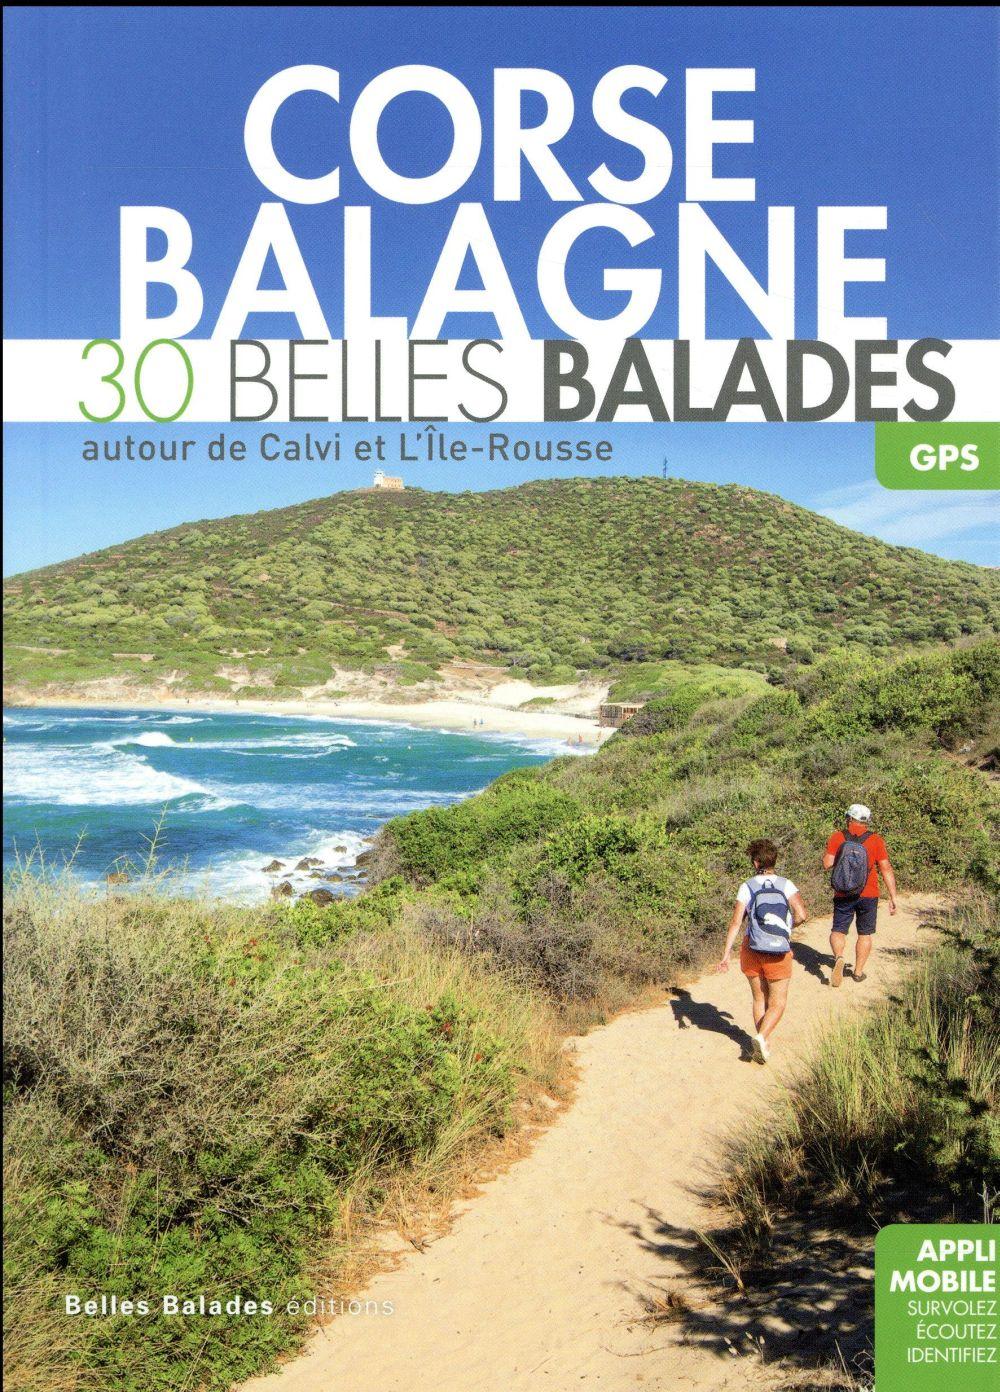 Corse, Balagne ; 30 belles balades autour de Calvi et l'Ile-Rousse